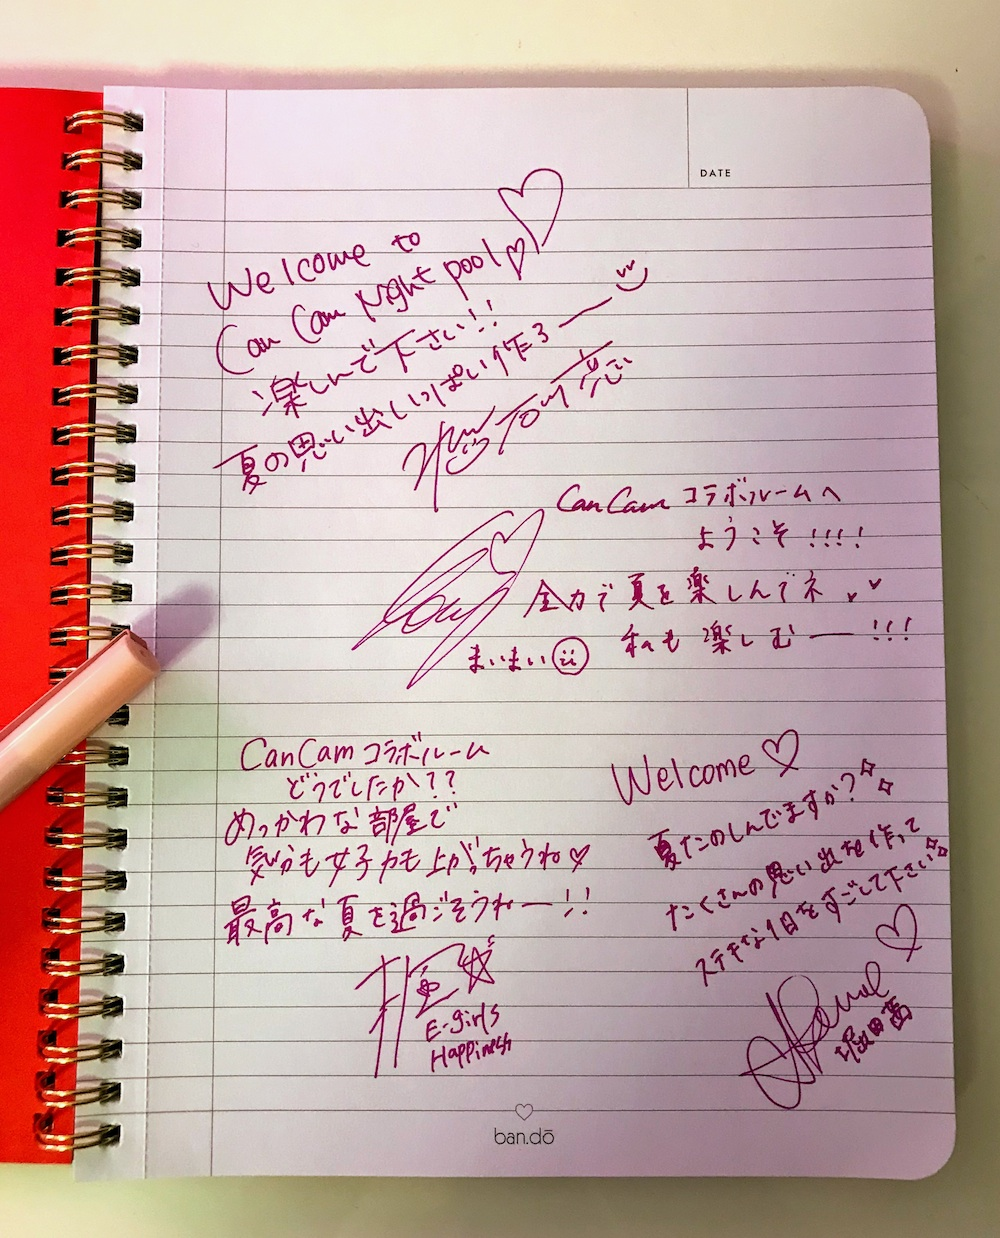 「CanCamナイトプール」コラボルームのデスクに置いてあるノートを開くと・・・ CanCamモデルからのメッセージ